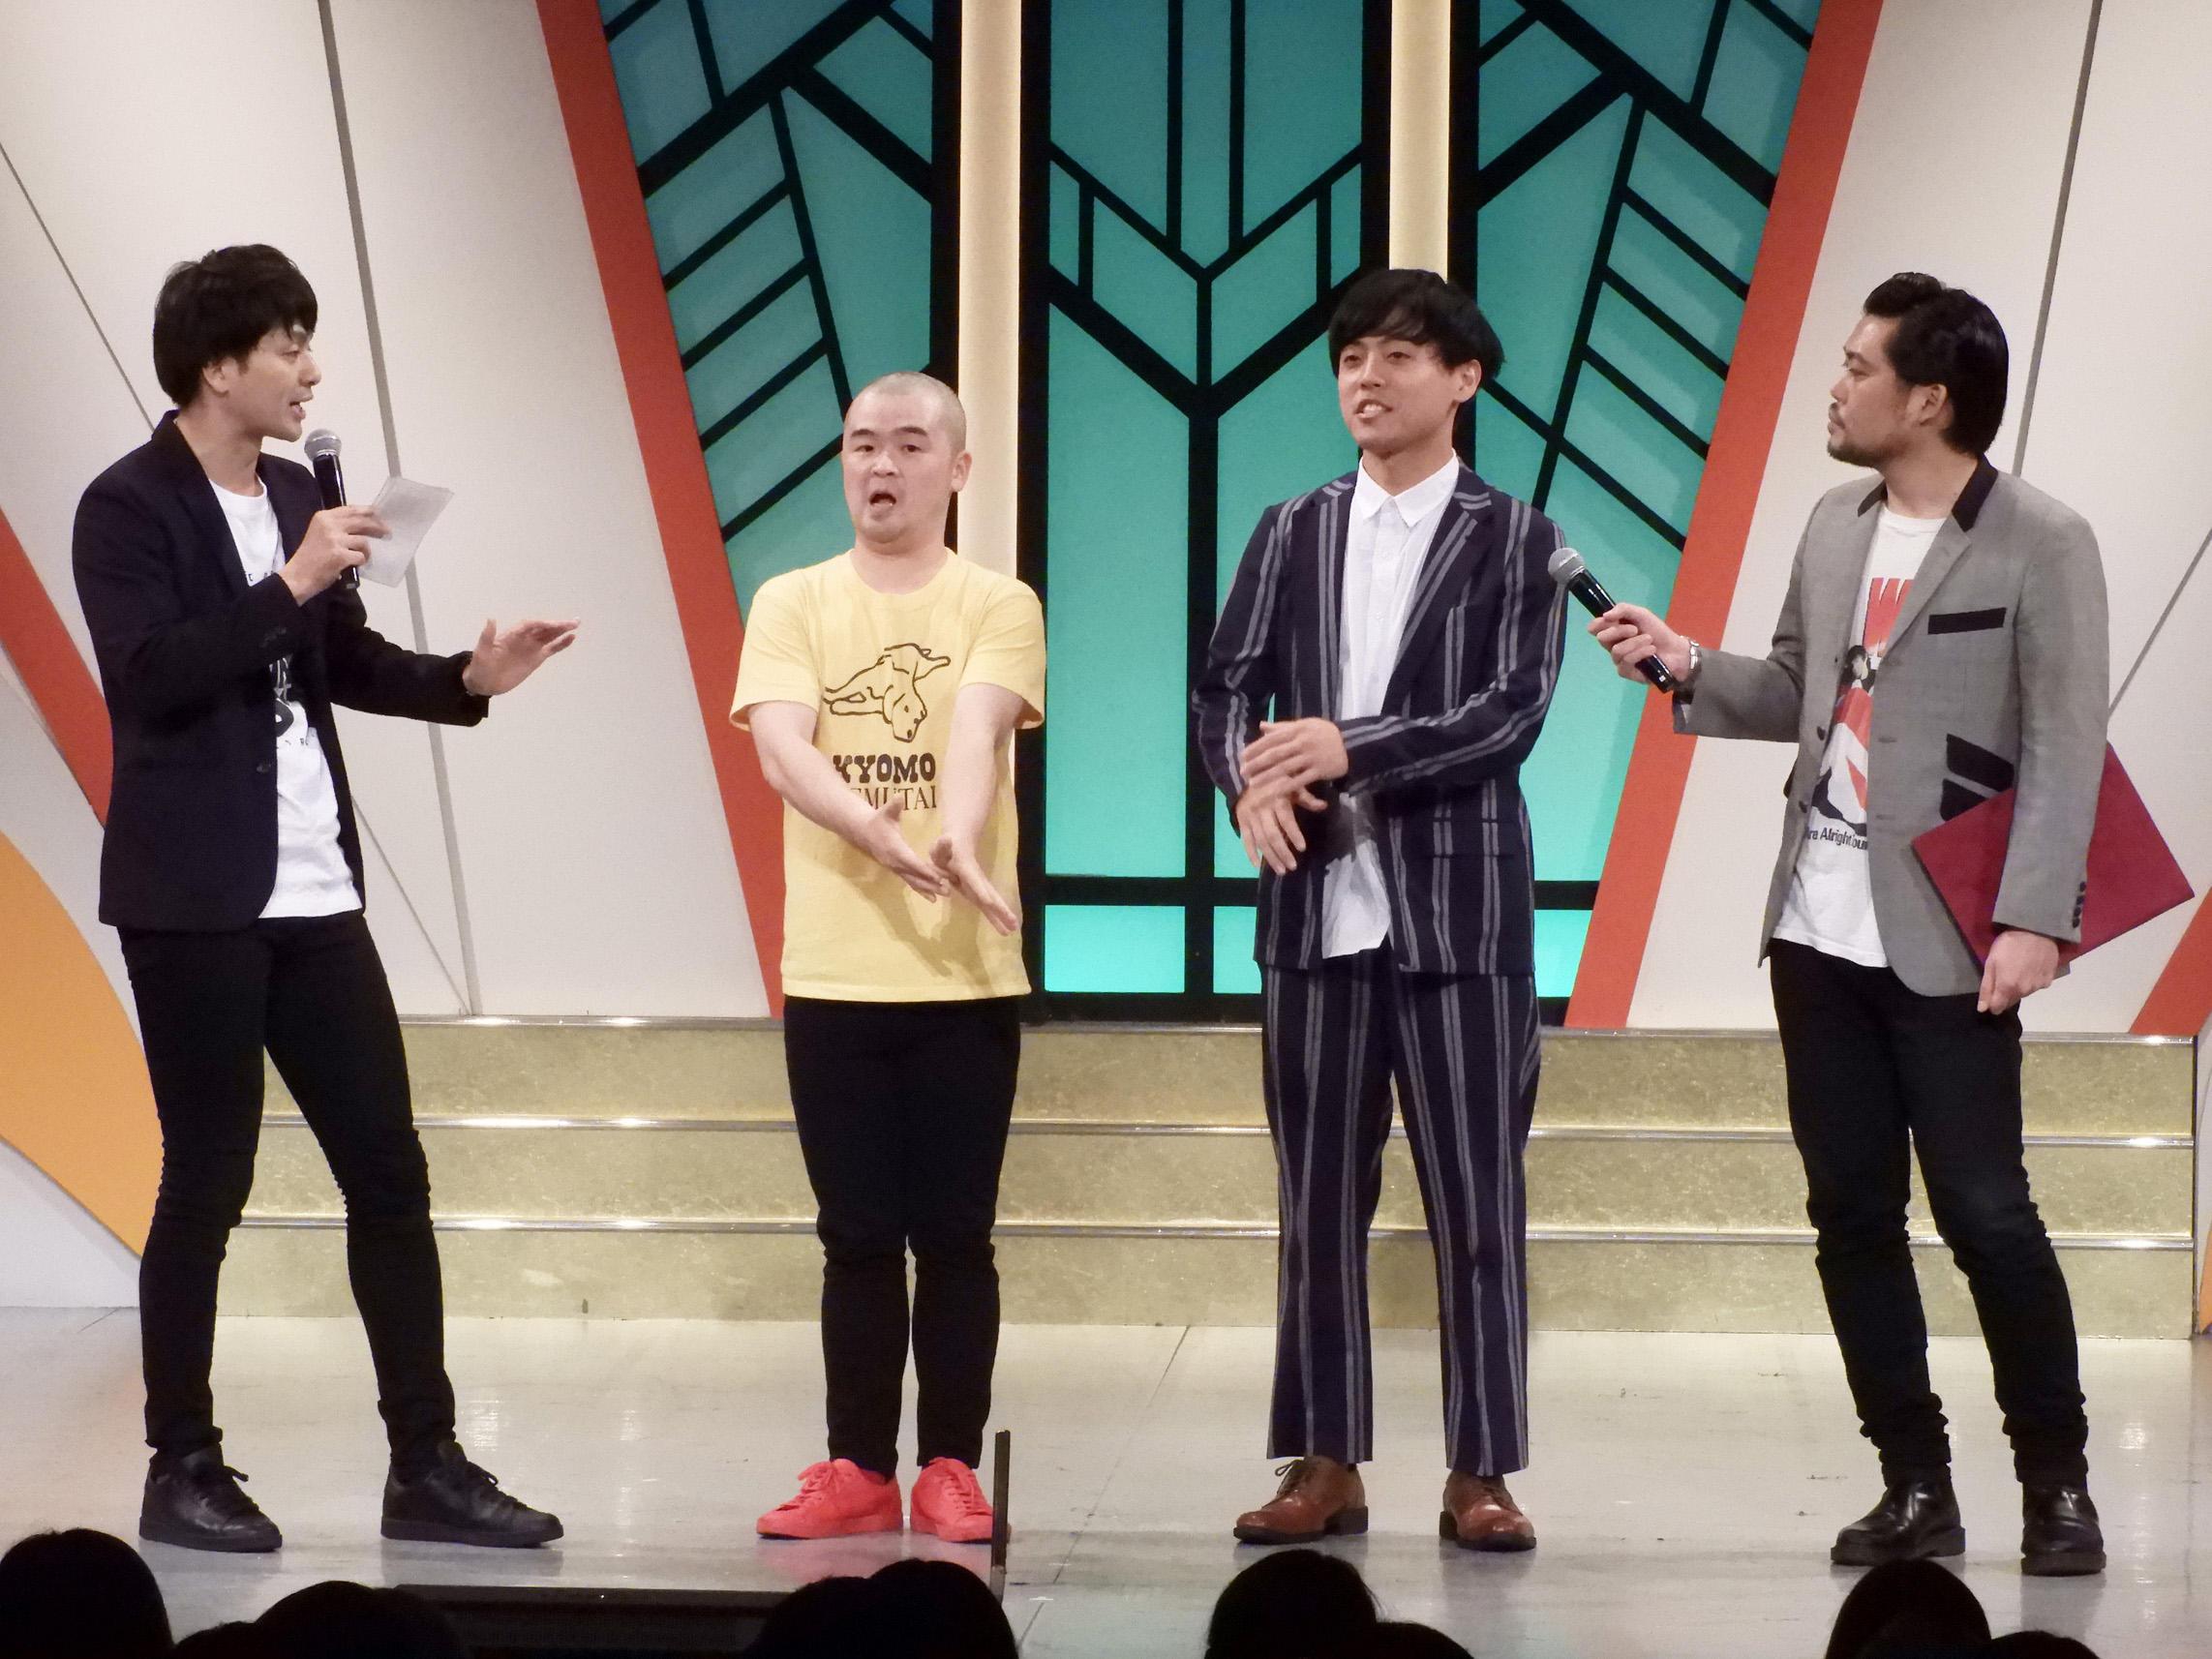 http://news.yoshimoto.co.jp/20181109121319-b72d30b01a6ff5b8f7acb57da9eea03d1d2981e0.jpg